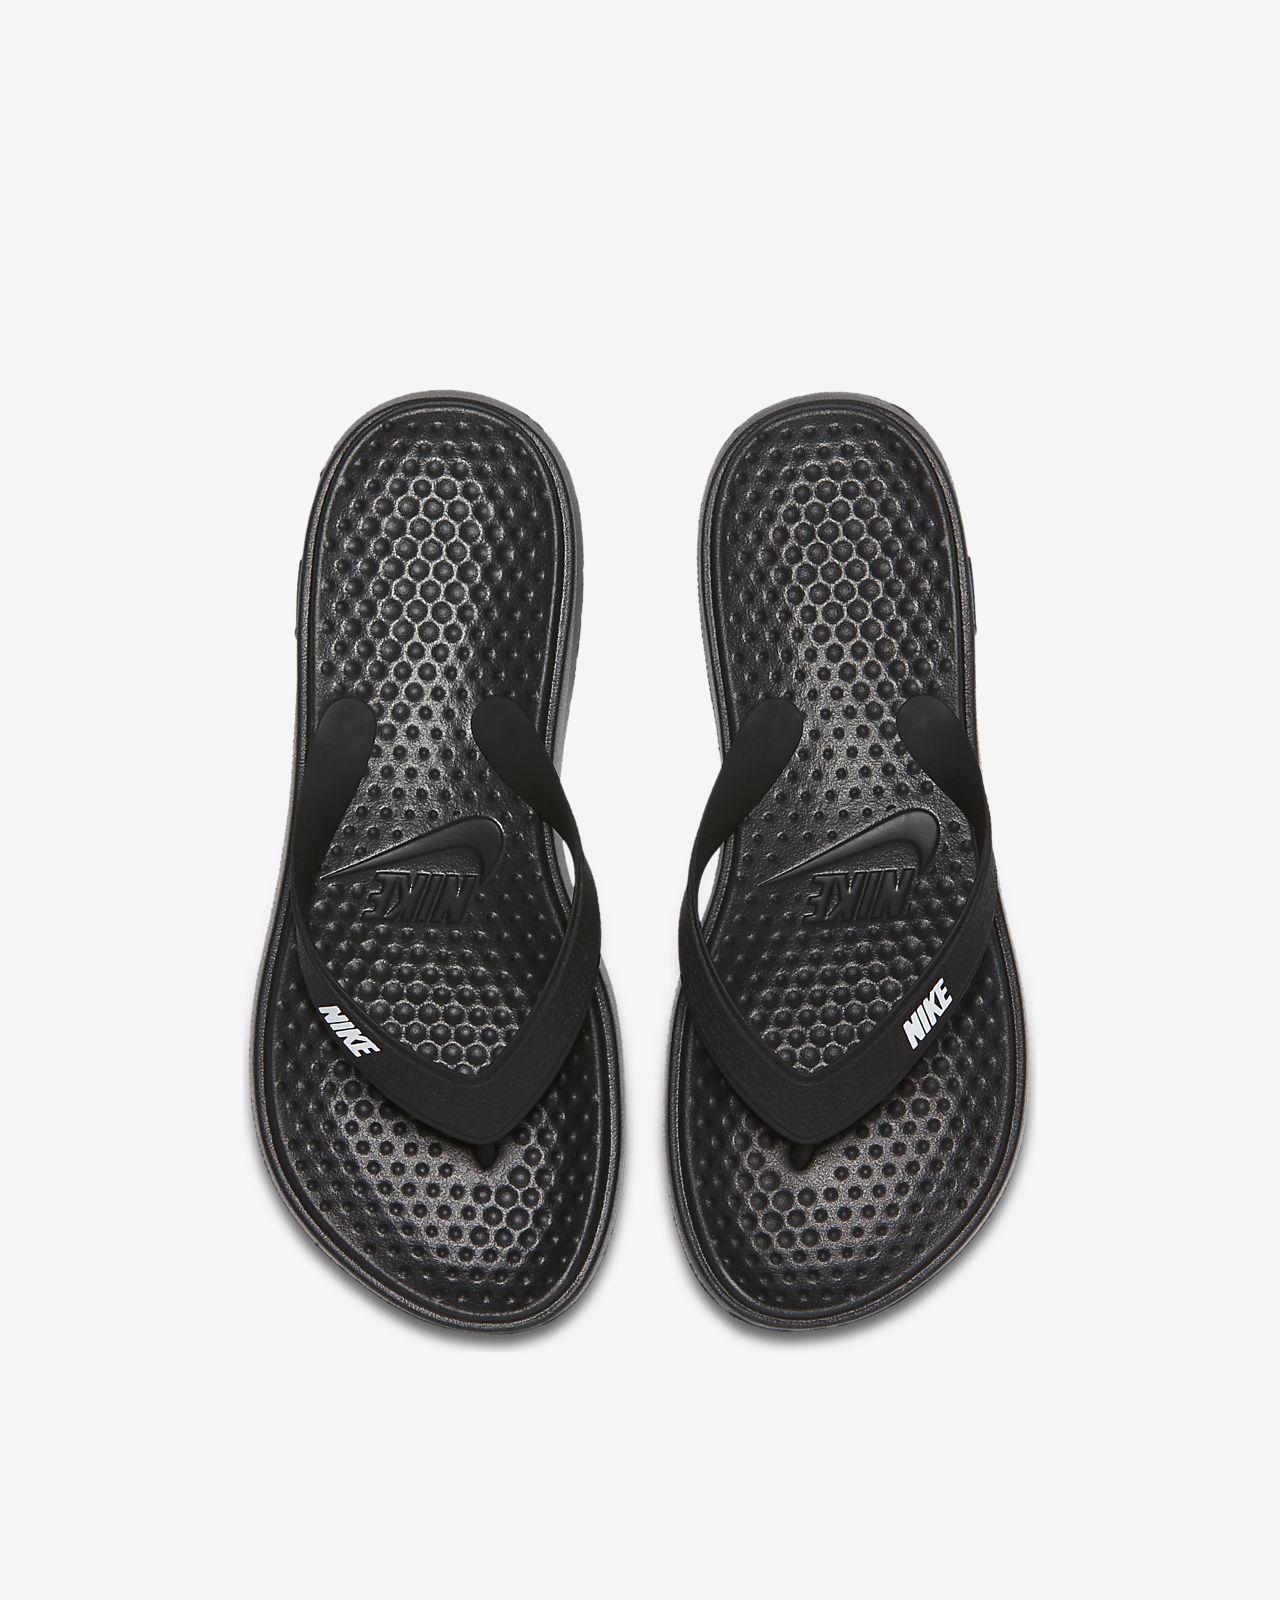 รองเท้าแตะผู้หญิง Nike Solay